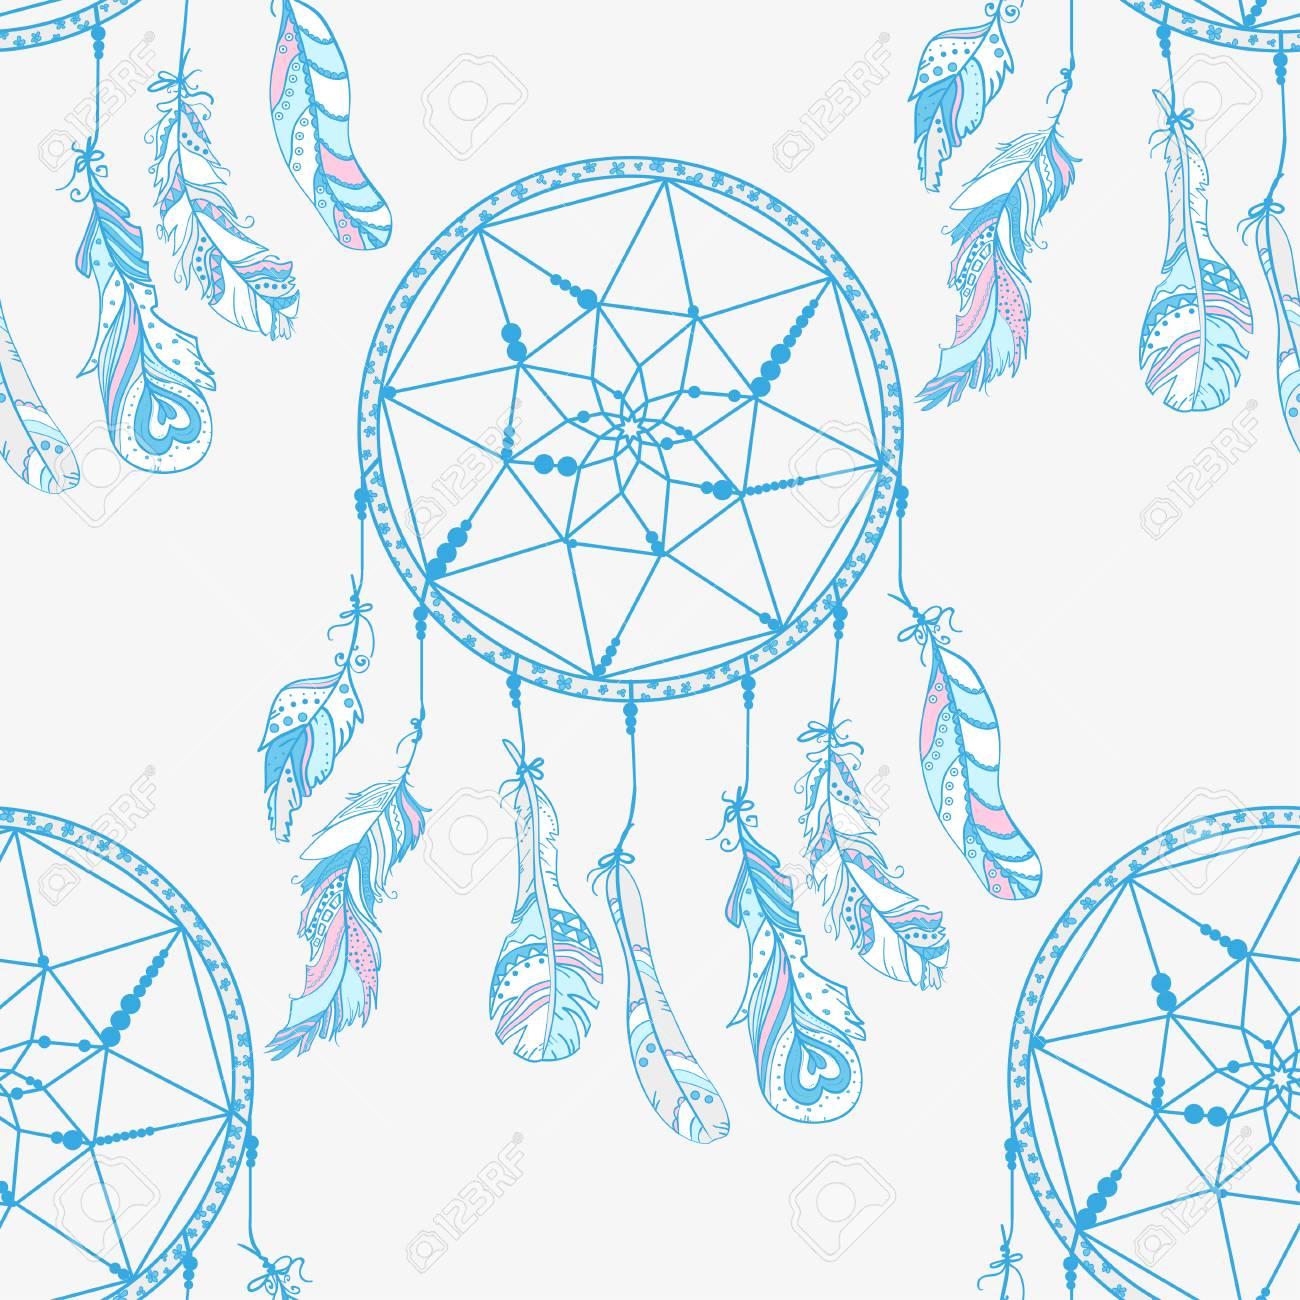 Atrapasueños. Símbolo Místico Patrón Sin Costuras Diseño Zentangle ...